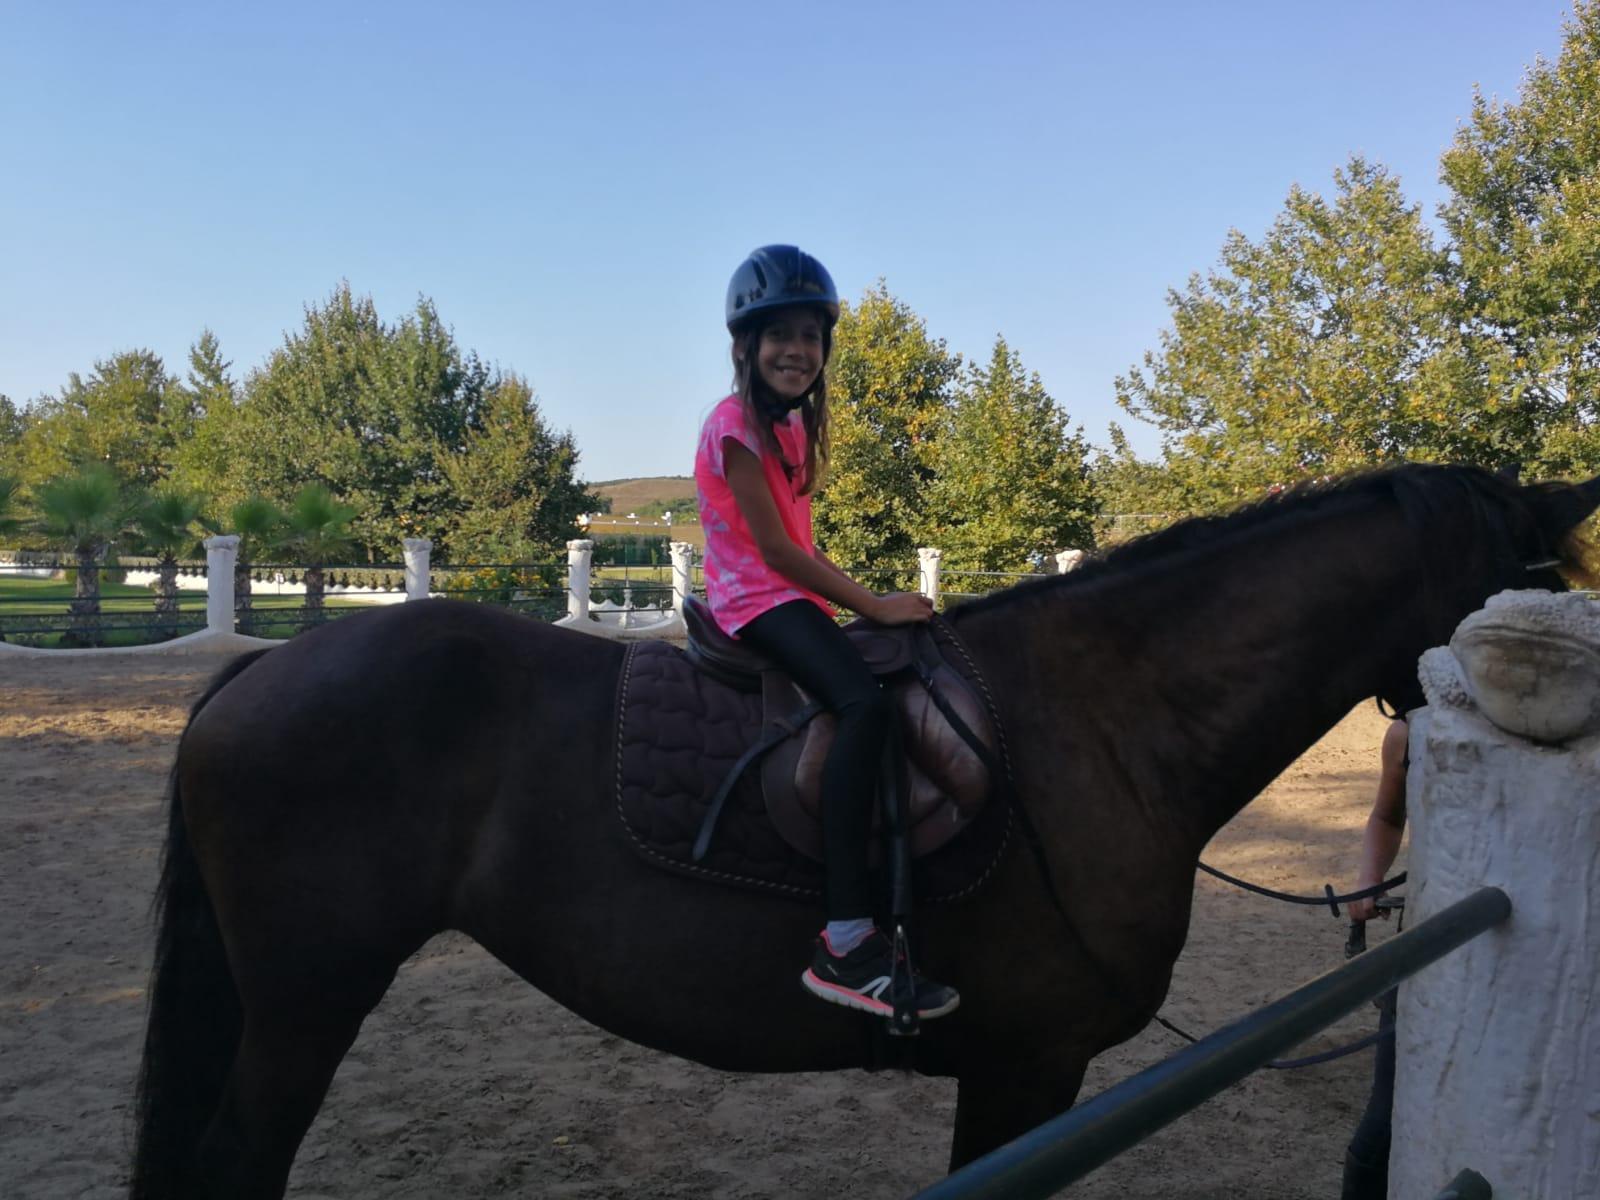 езиков лагер за деца Z кемп, Ден 23 - конна езда - момиче с каска седи върху кон